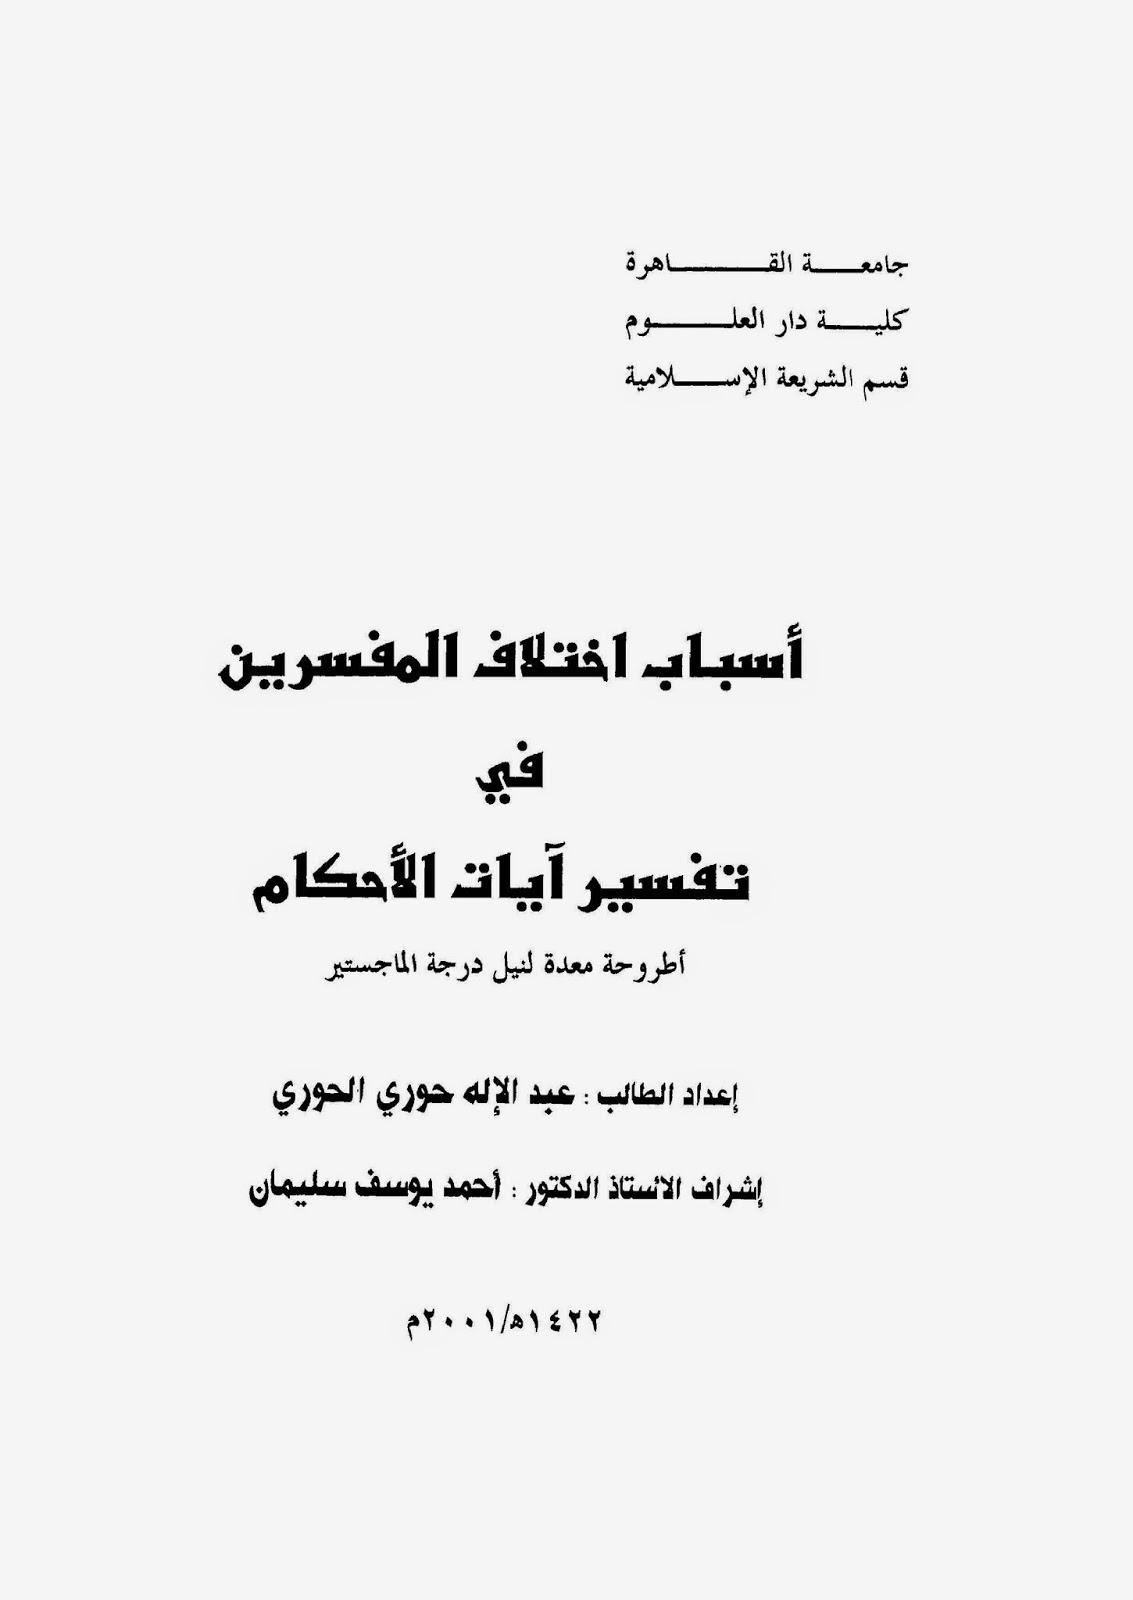 أسباب اختلاف المفسرين في تفسير آيات الأحكام - رسالة علمية pdf